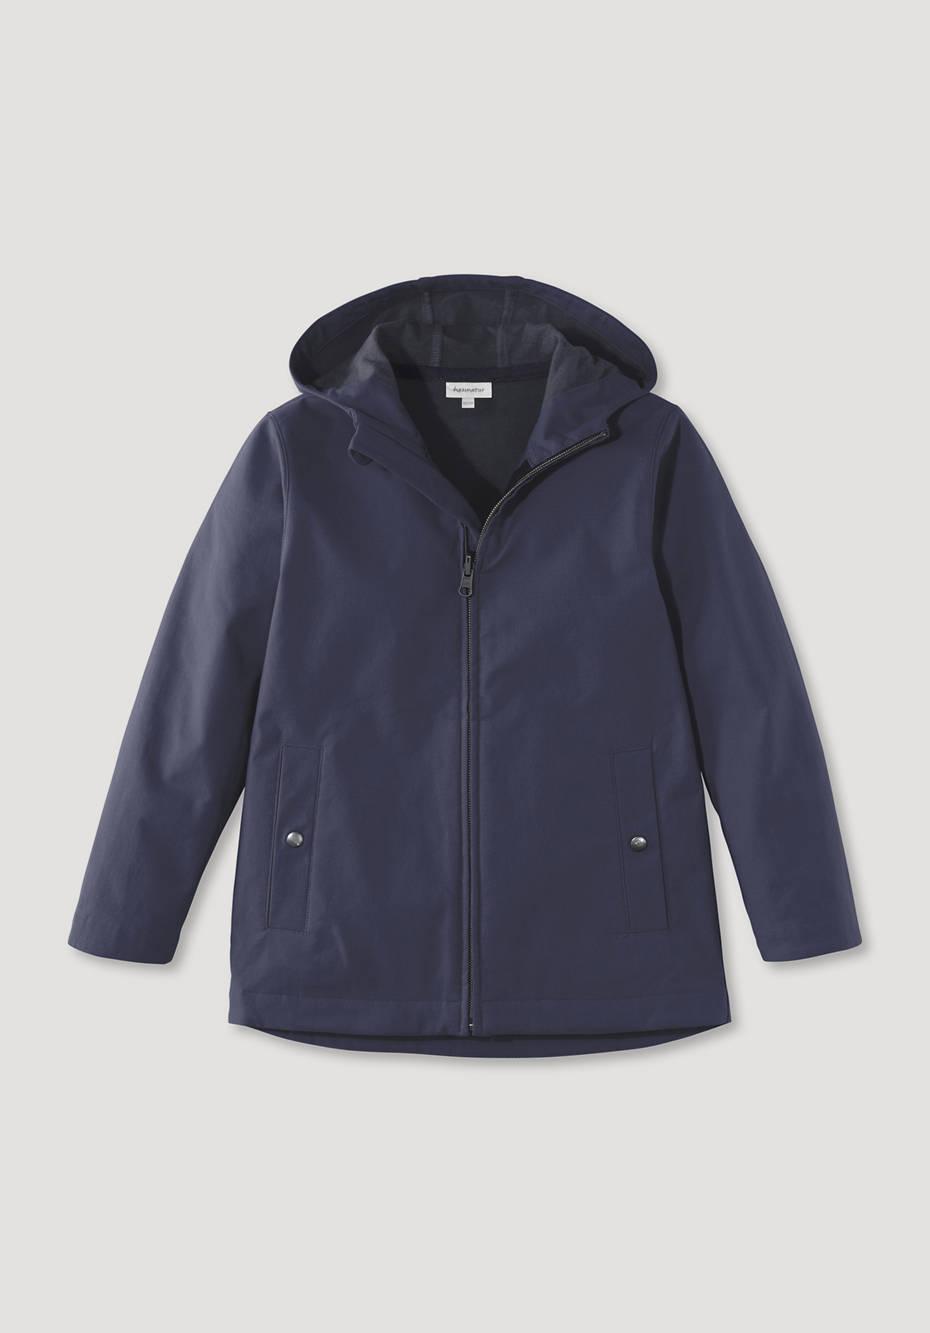 Softshell Jacke mit ökologischer Imprägnierung